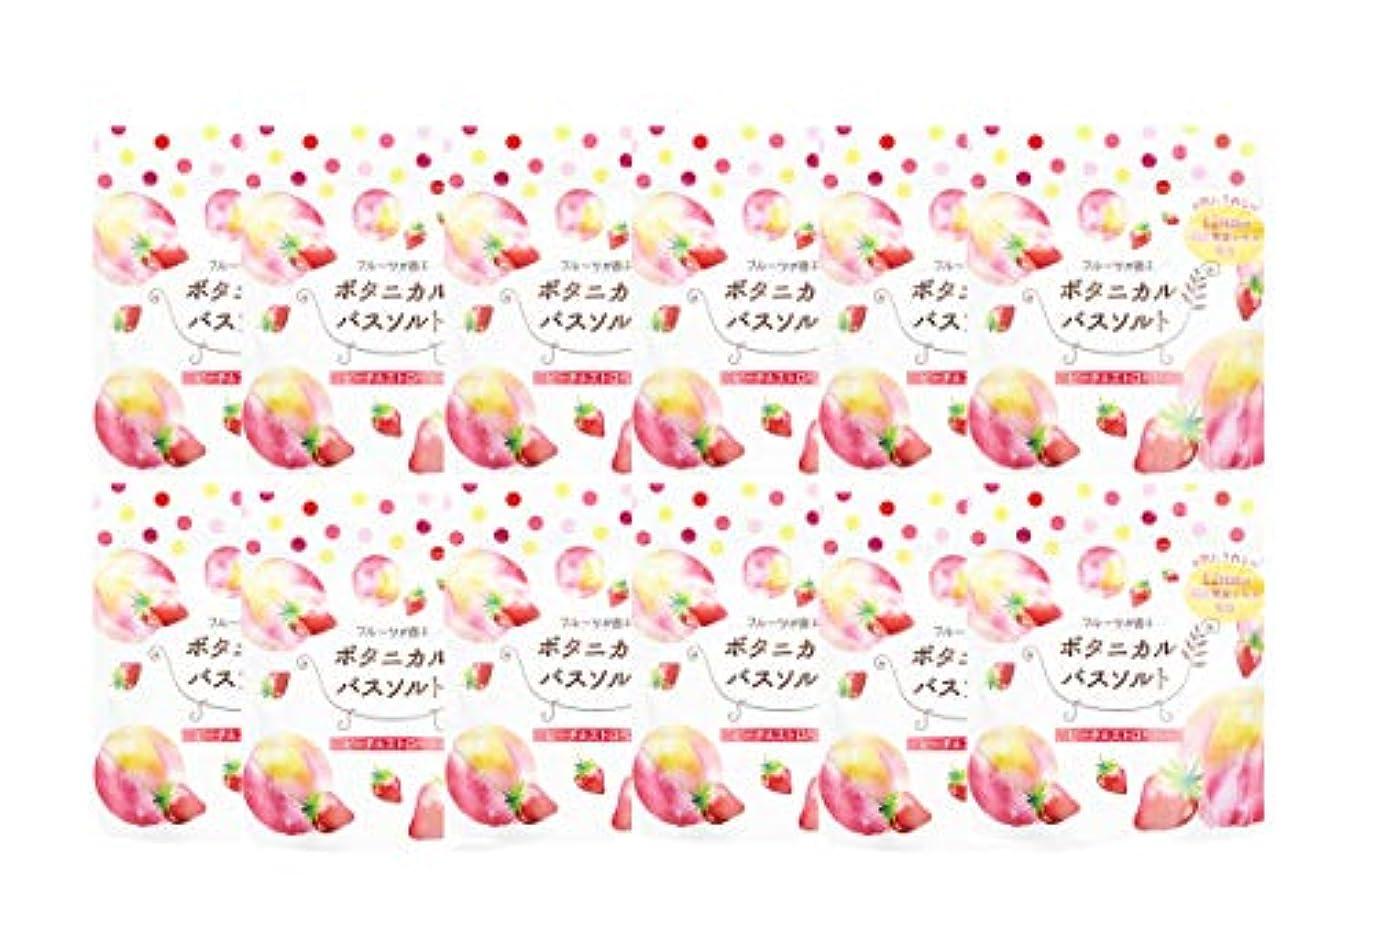 ちょっと待って動かすビリーヤギ松田医薬品 フルーツが香るボタニカルバスソルト ピーチ&ストロベリー 30g 12個セット